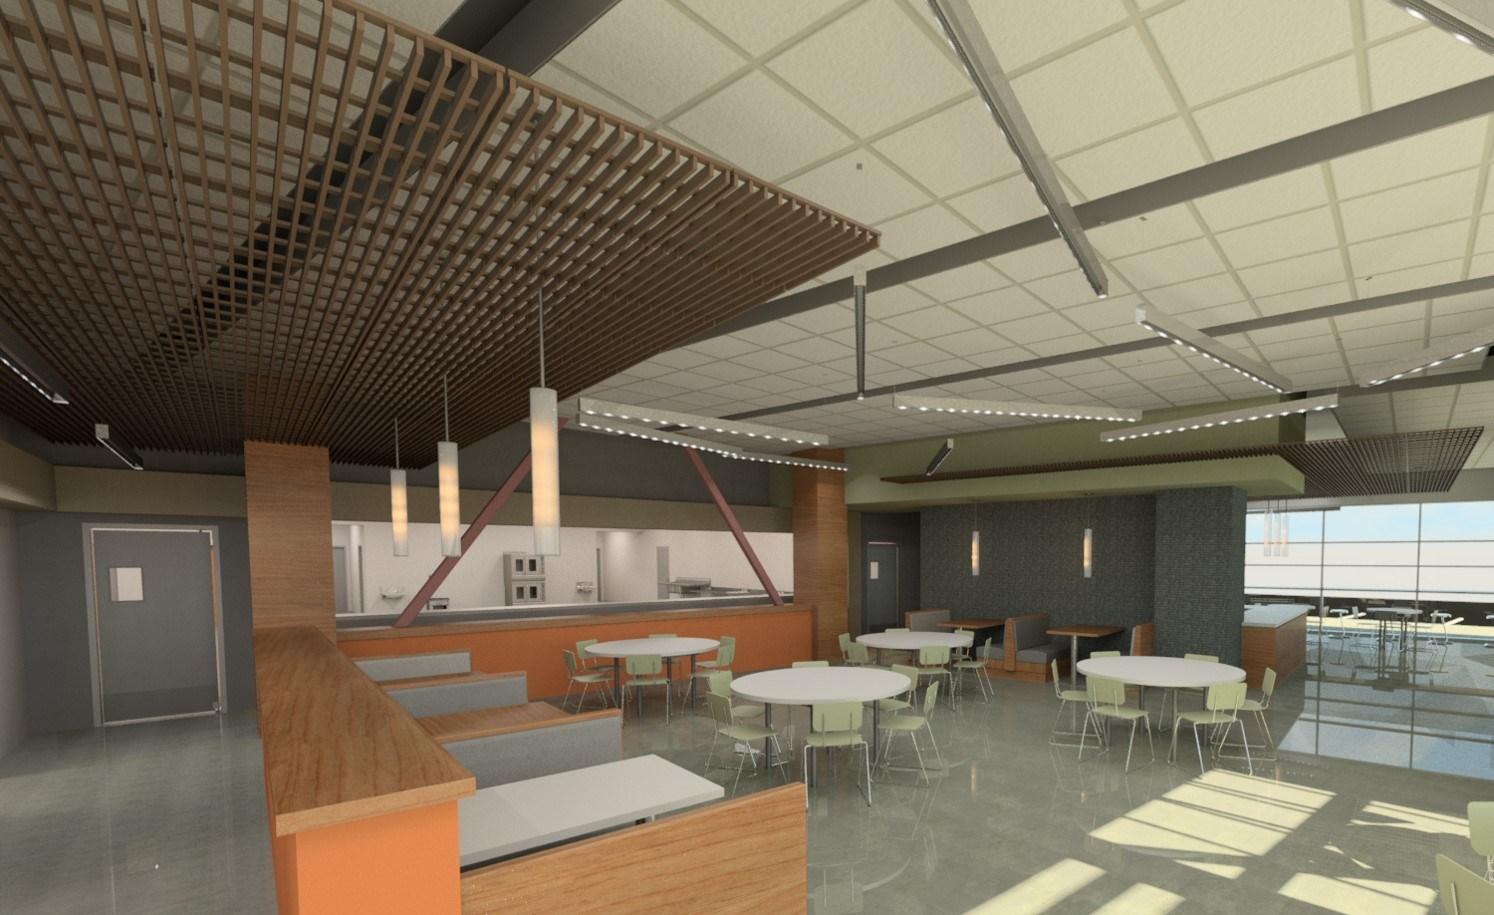 Culinary Arts Cafe